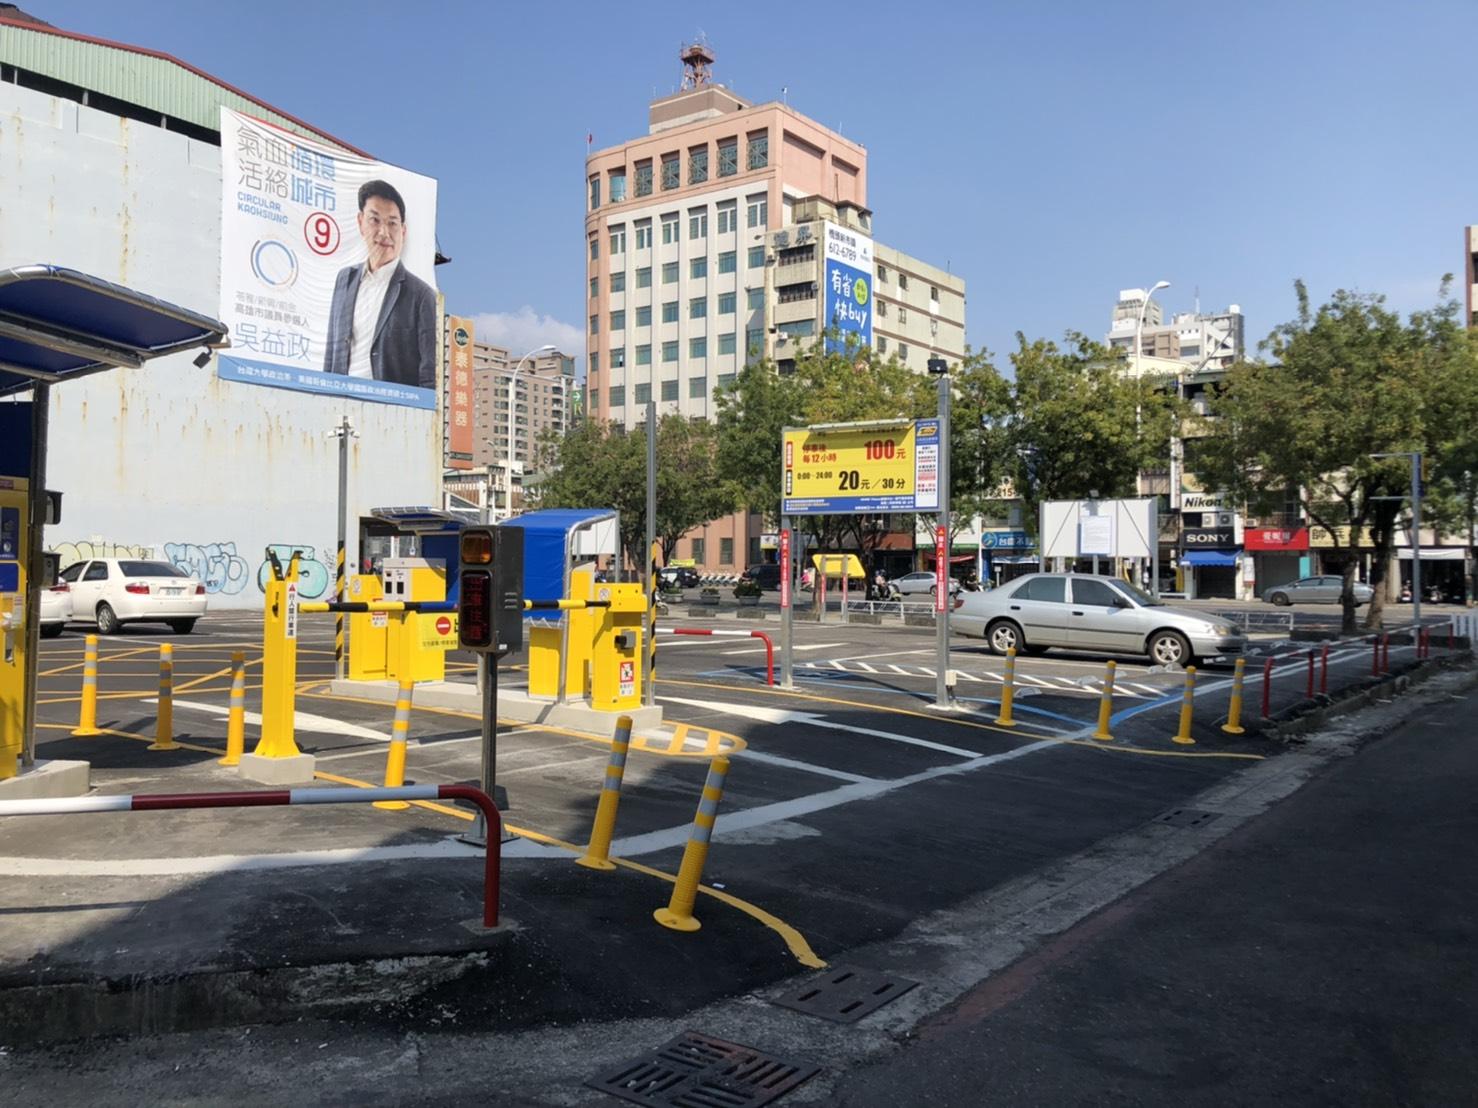 新興分局斜對角停車場開張囉-102租屋棧的最新公告